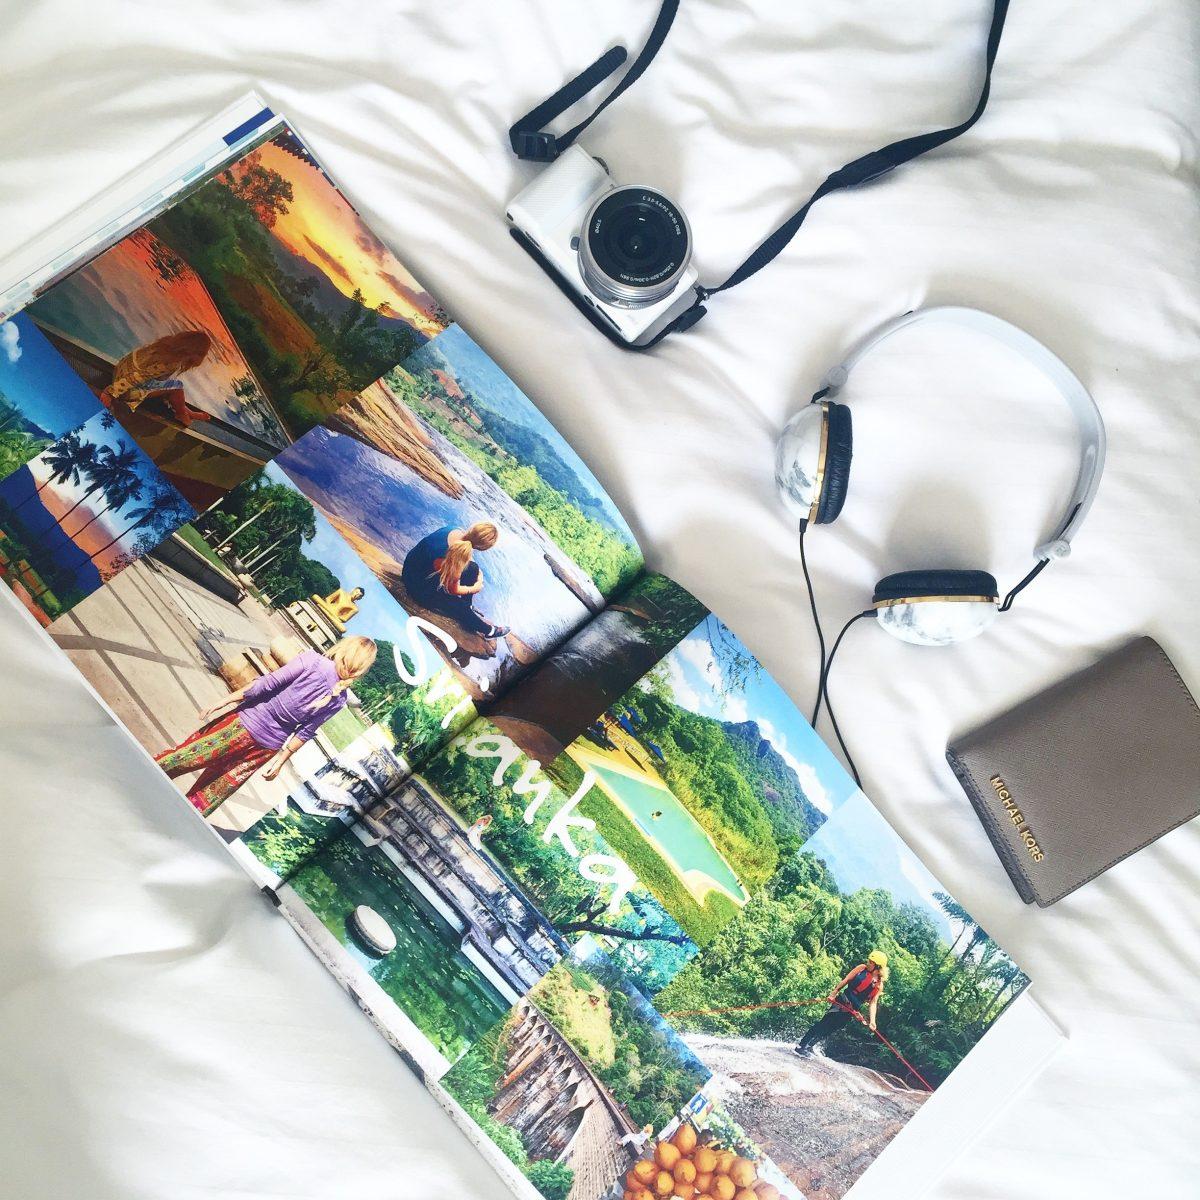 photobook là cách tuyệt vời để lưu giữ những kỷ niệm đẹp